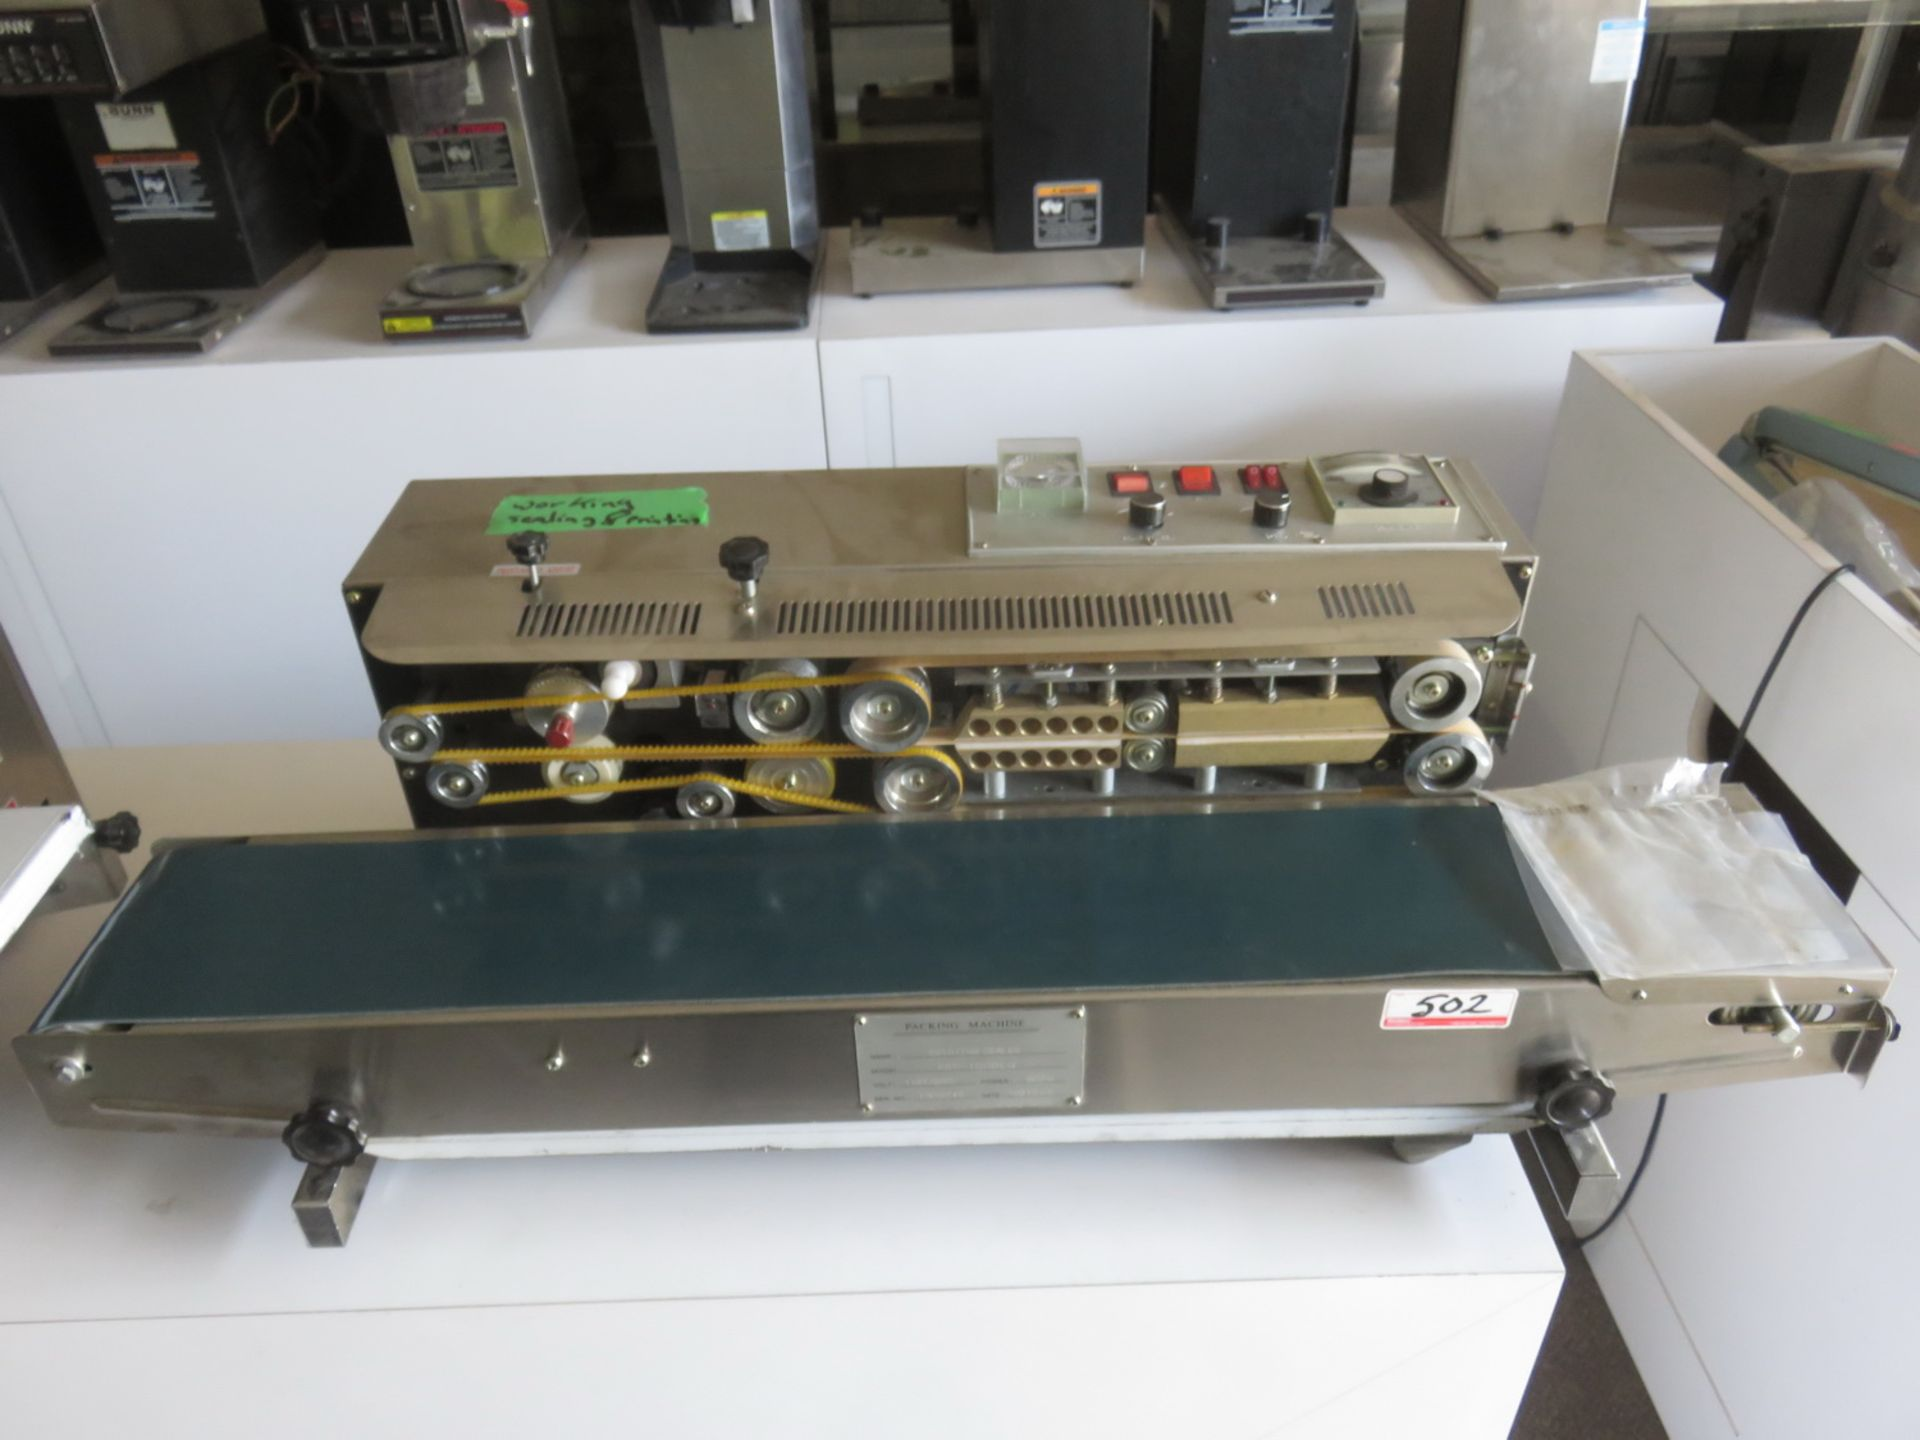 Lot 502 - 2013 SUNON MOD ERD-1000LW, 110V, 600W IMPULSE SEALER - S/N 1308042 (NEED POWER CABLE)